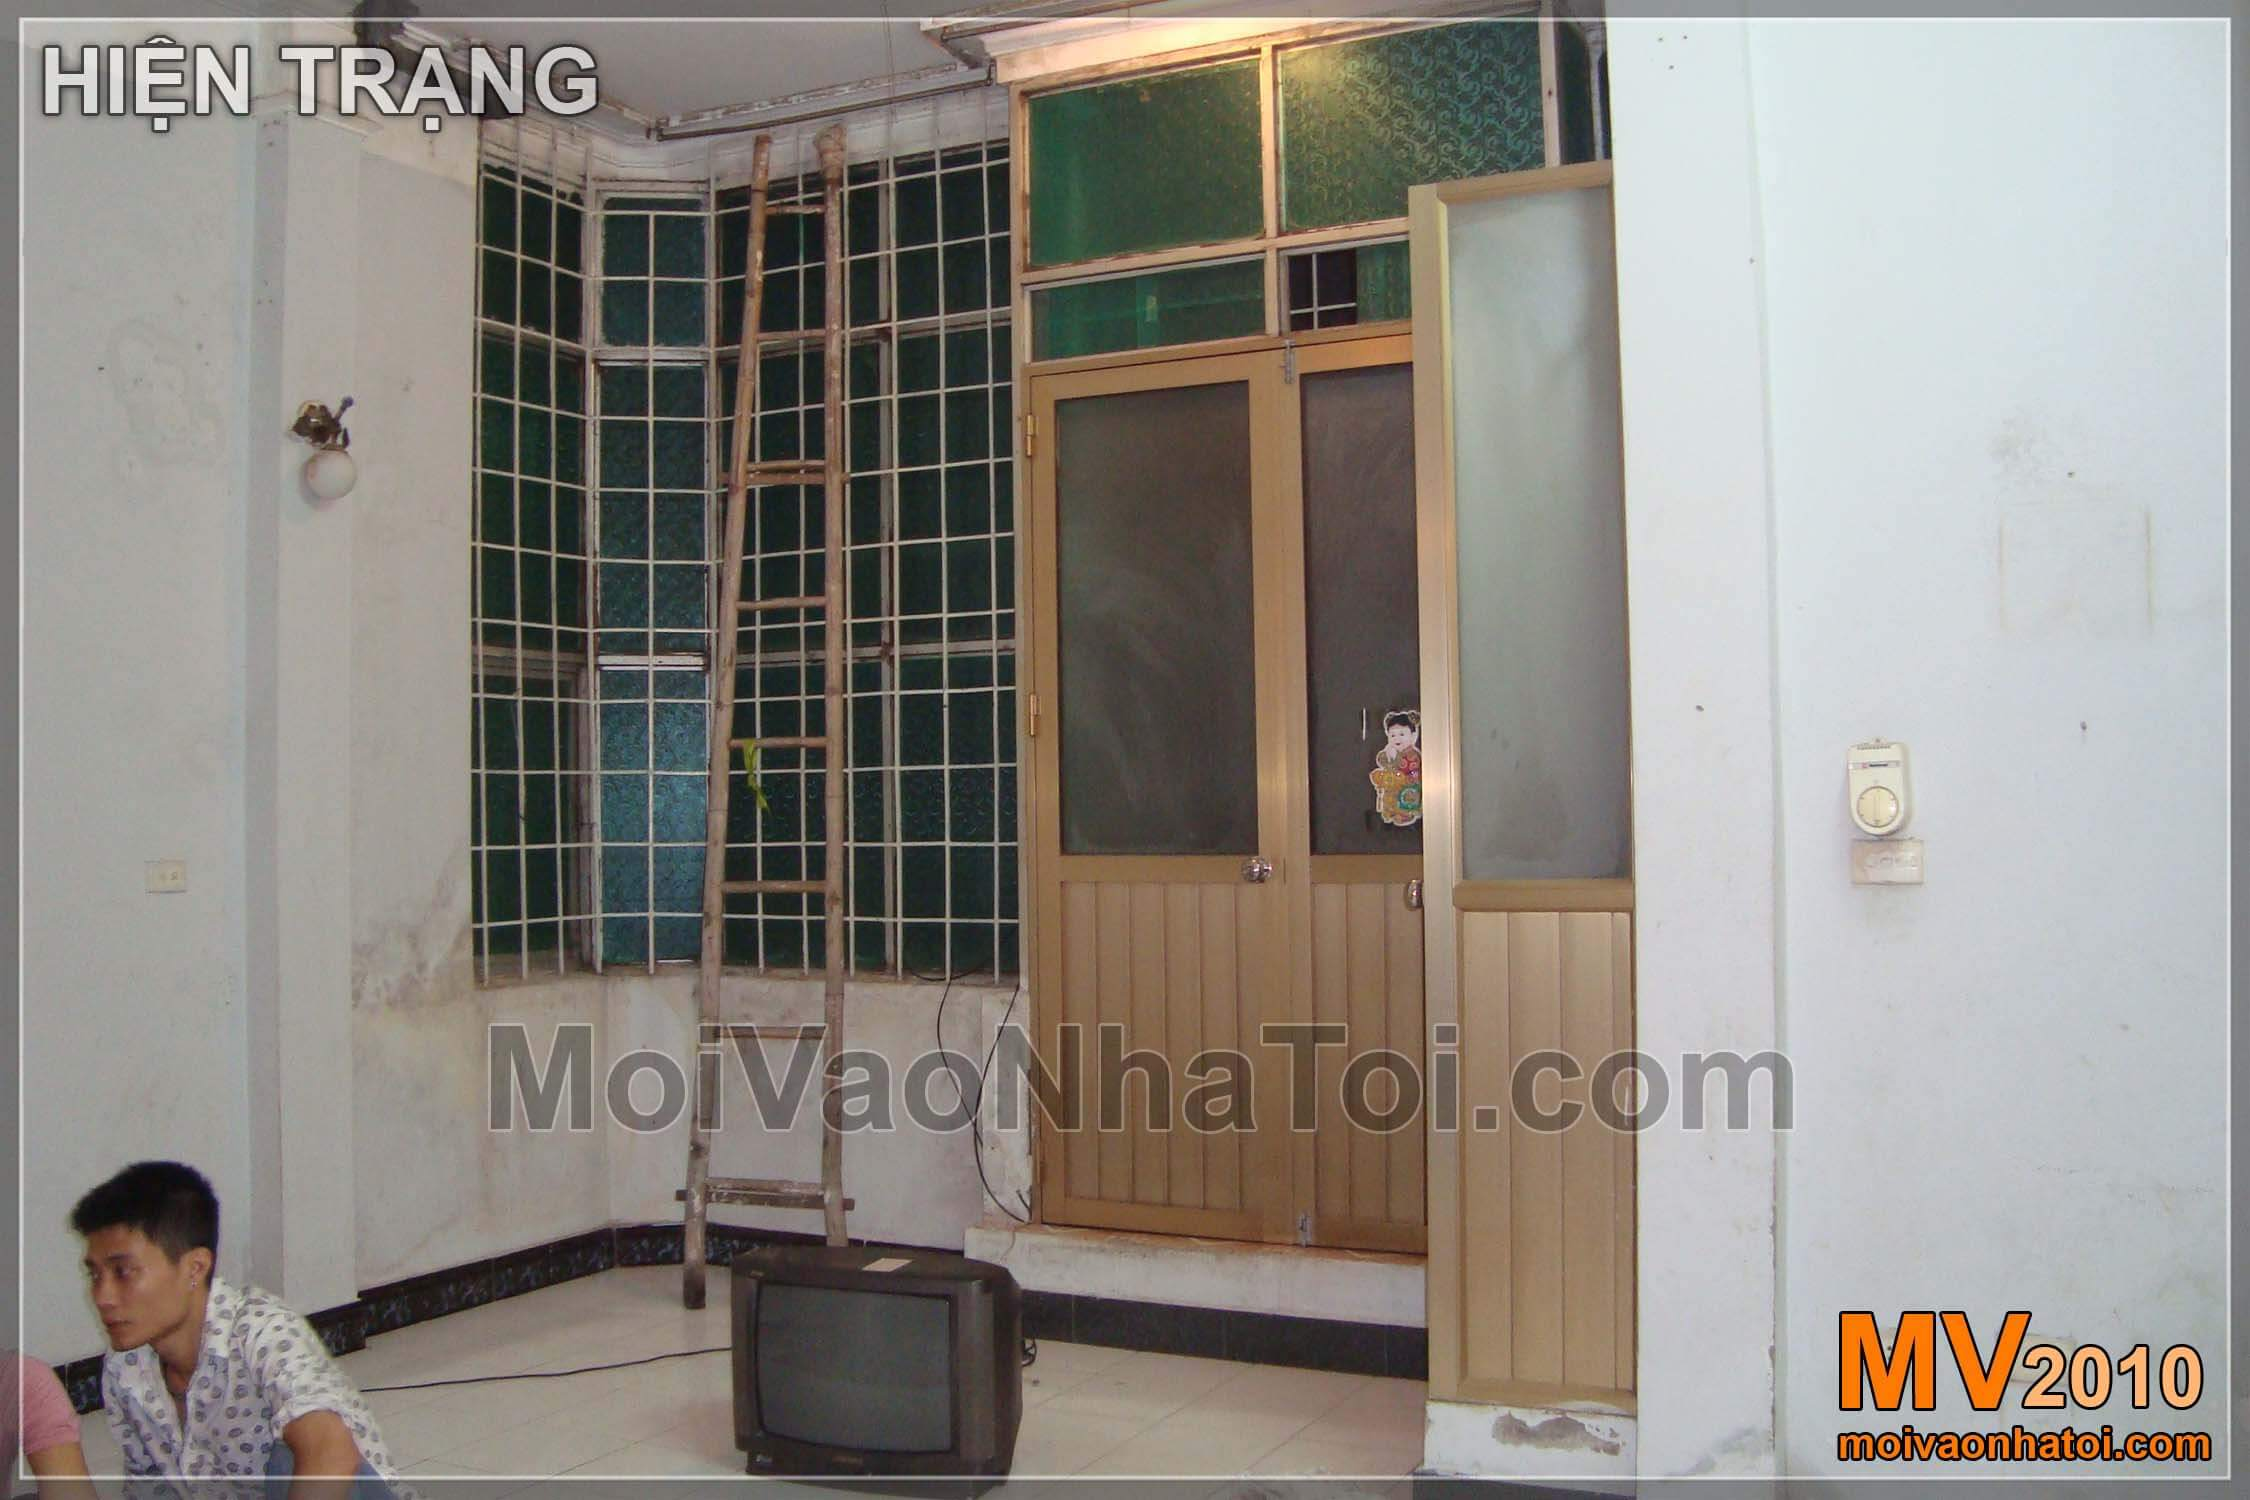 Hiện trạng căn nhà - nội thất phòng ngủ khi chưa cải tạo